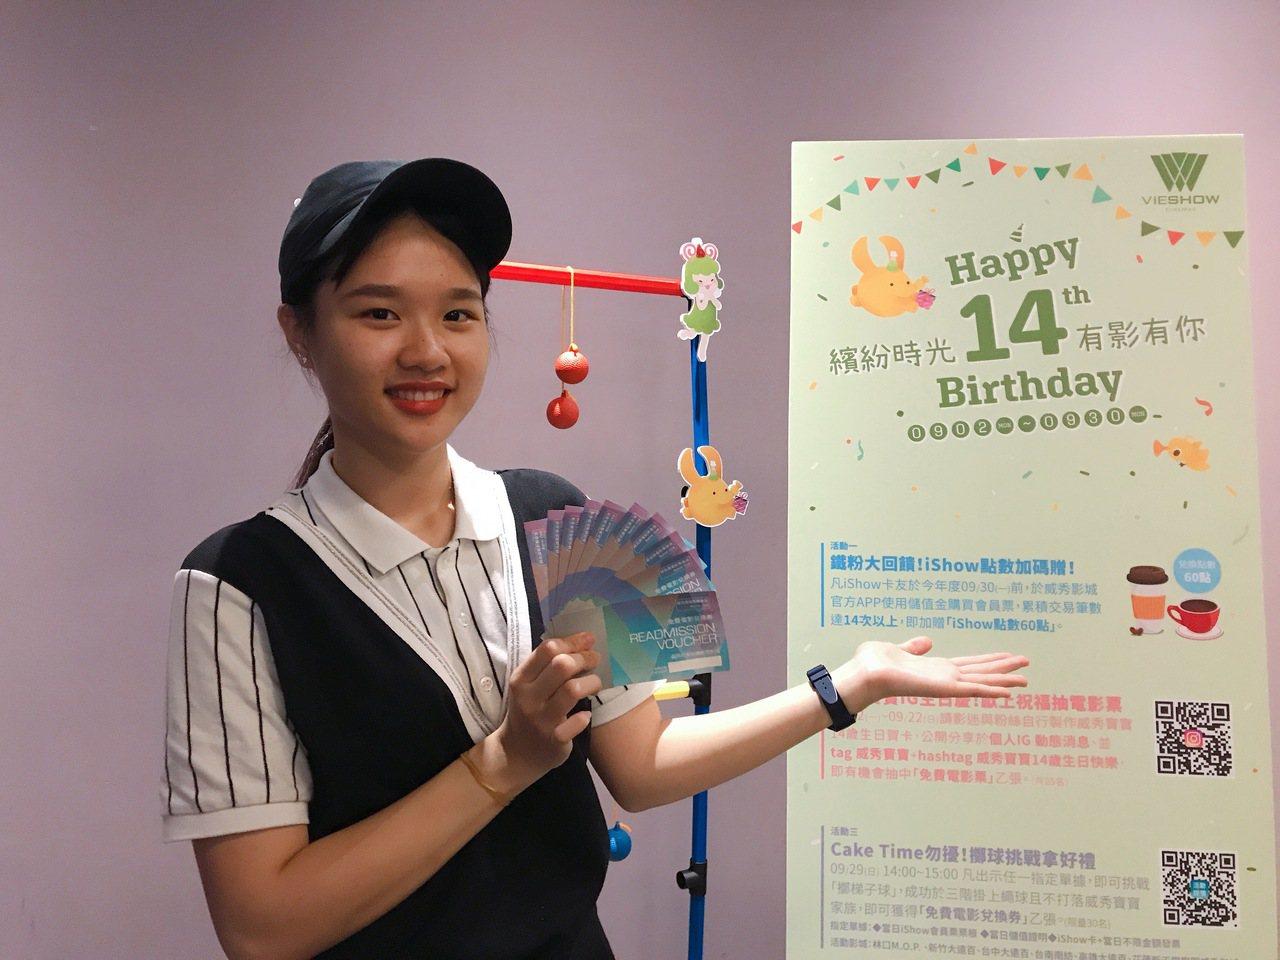 威秀影城14歲生日,舉辦抽免費電影票、送iShow點數活動。圖/威秀提供